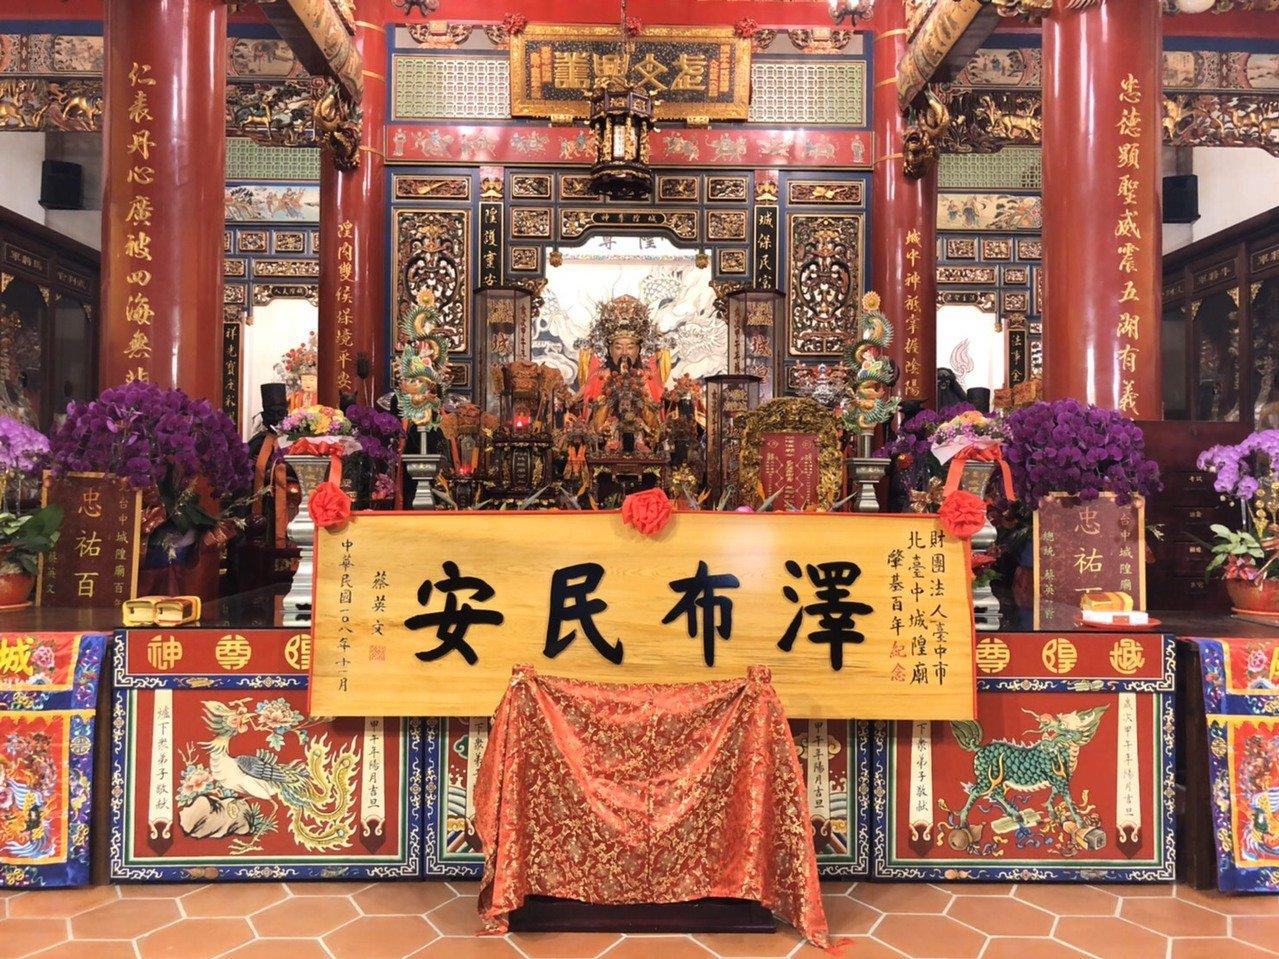 總統蔡英文今天下午到北台中城隍廟參拜,並致贈匾額給廟方。圖/北台中城隍廟提供